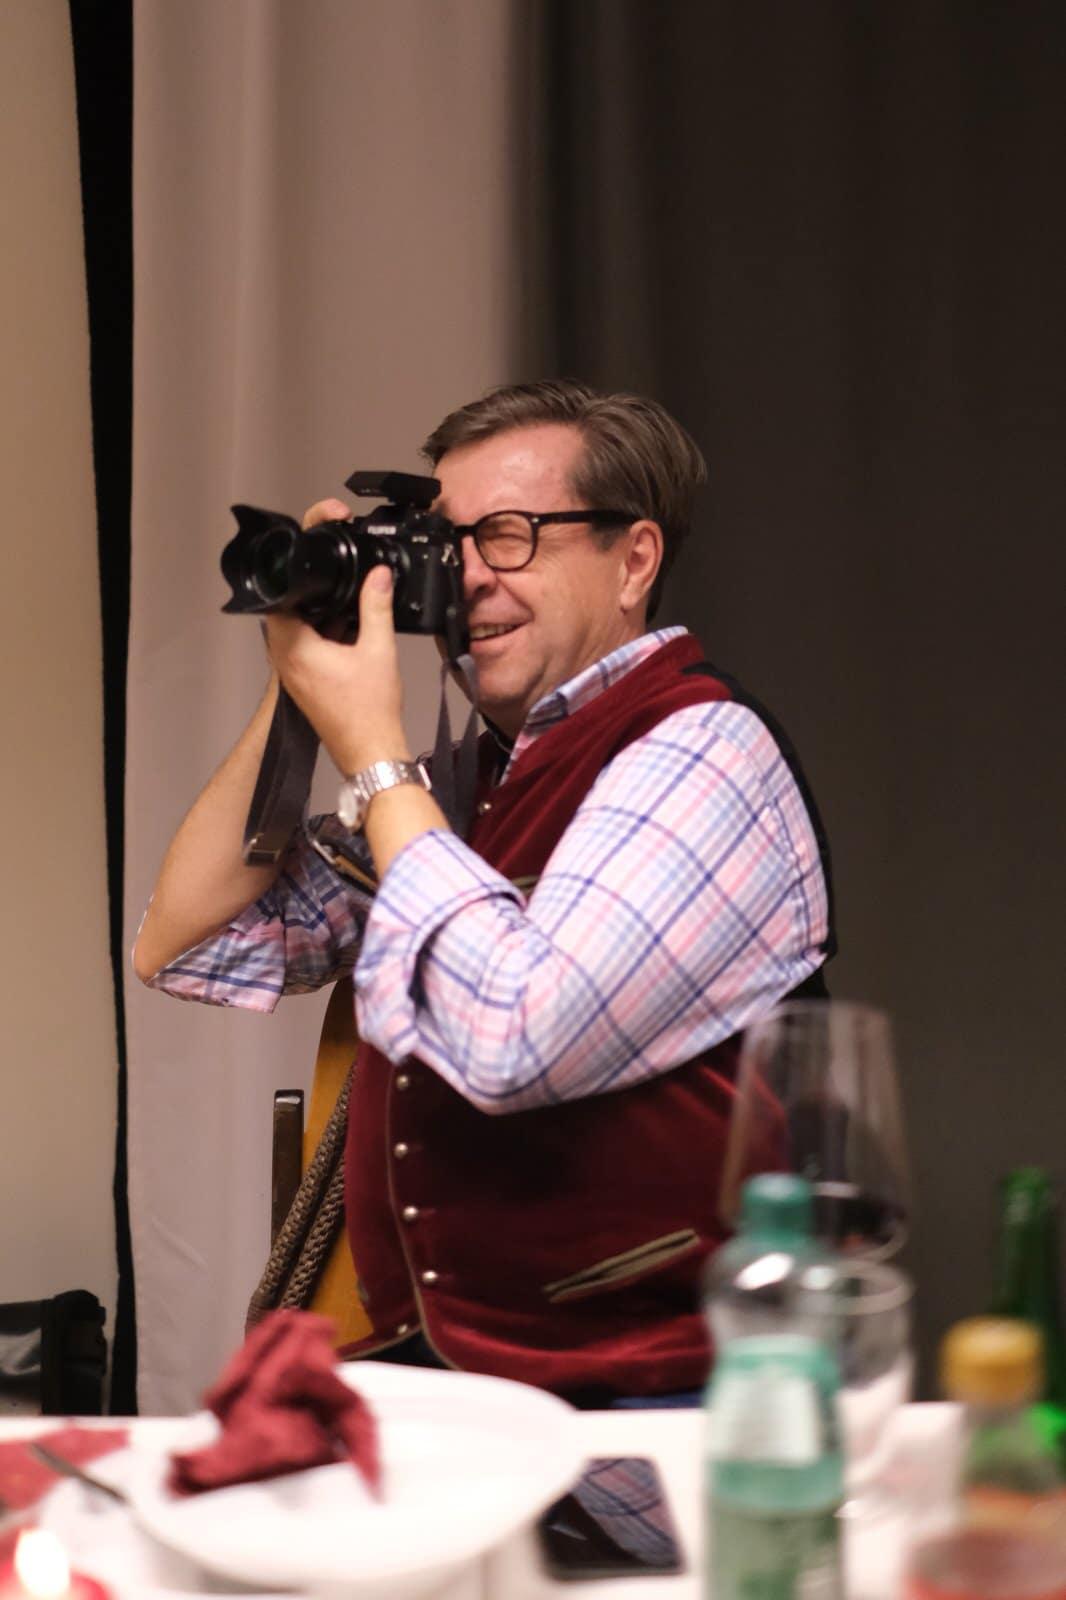 Kurt mit Elkes Kamera Fuji x-t3